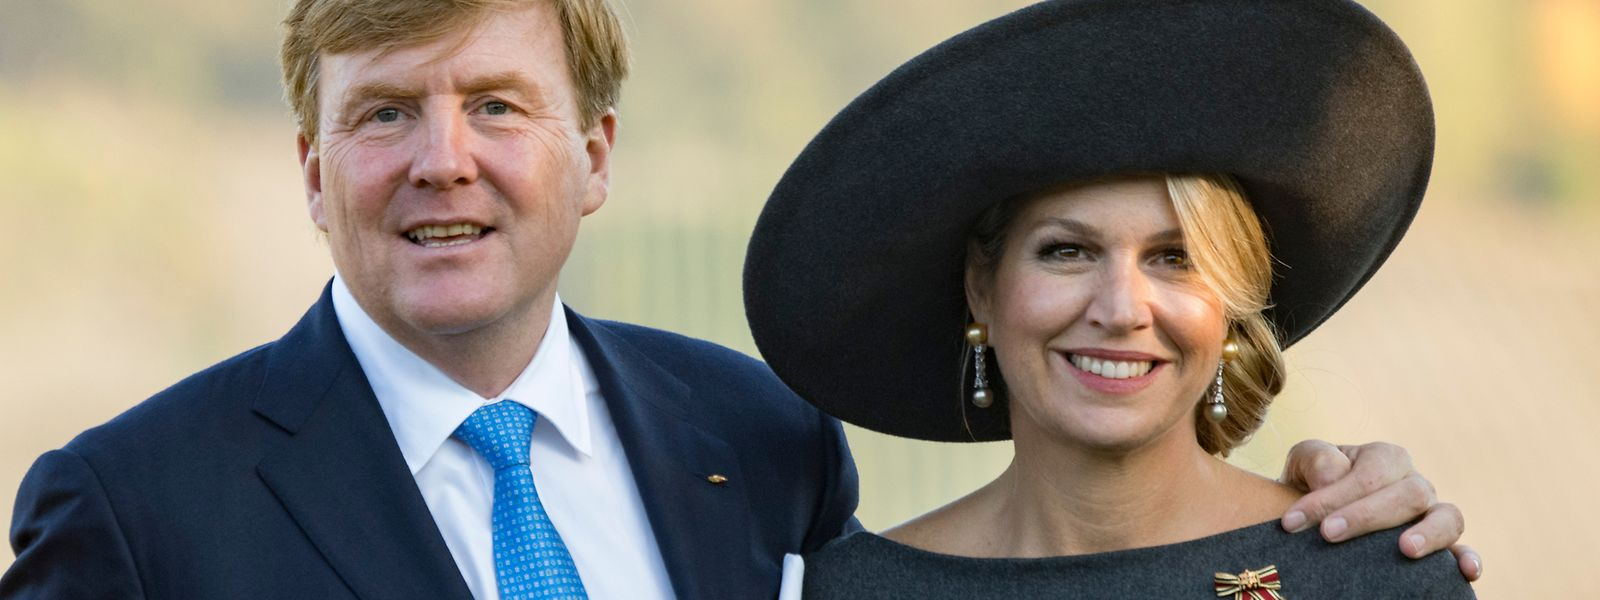 König Willem-Alexander und Königin Maxima sind darauf bedacht, ihr Volk nicht weiter zu verärgern.